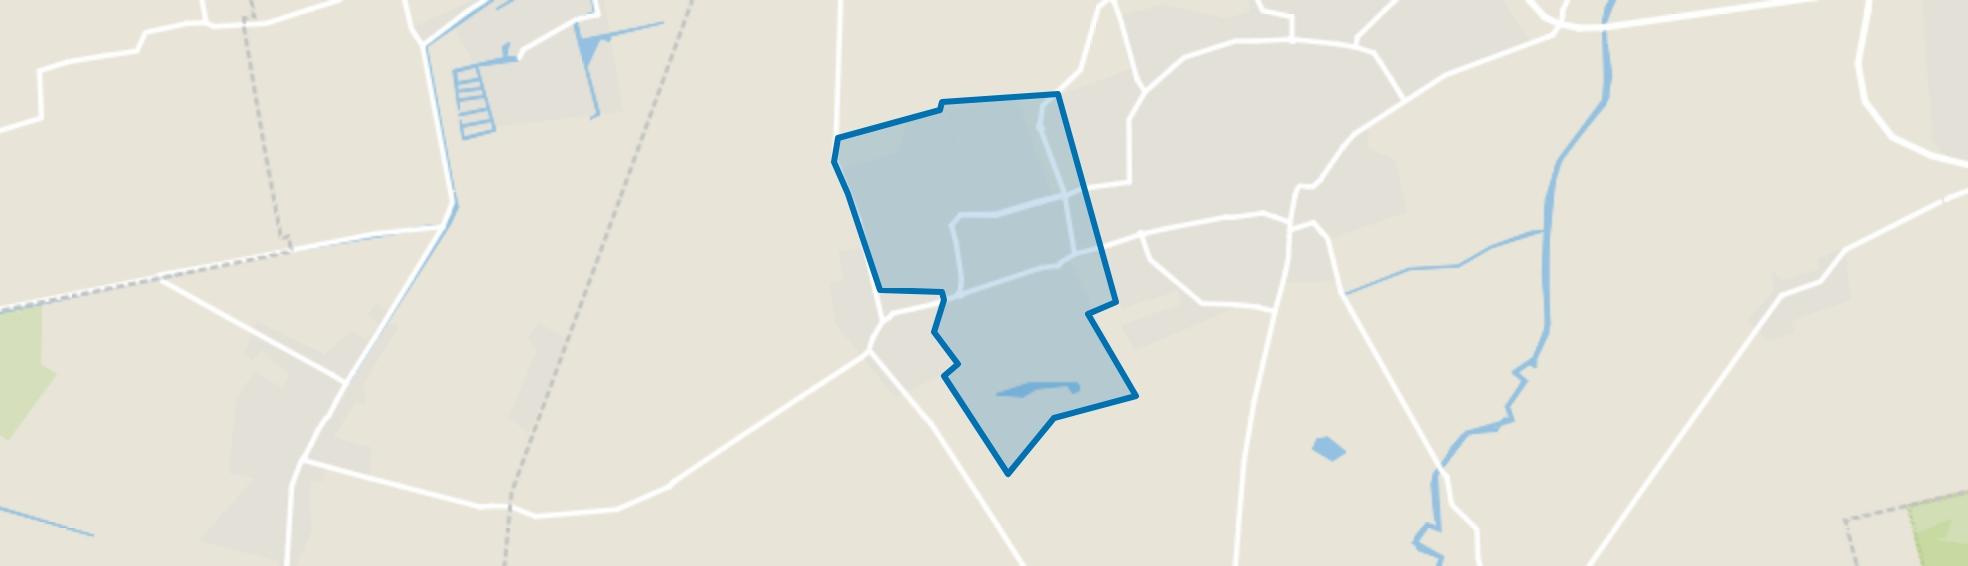 Roden West, Roden map